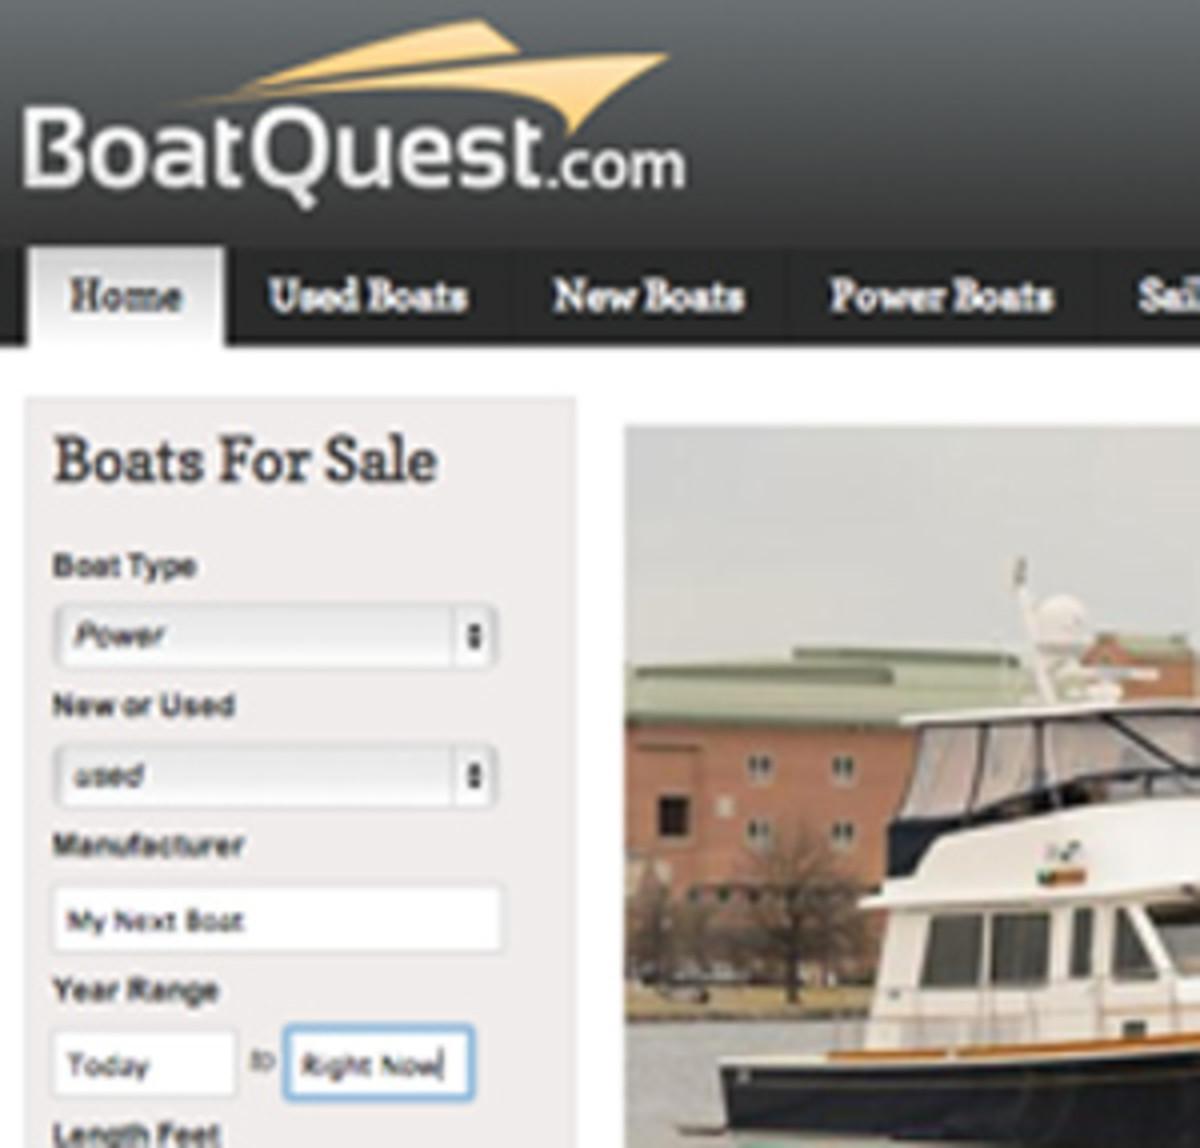 BoatQuestScreenShot1edited1